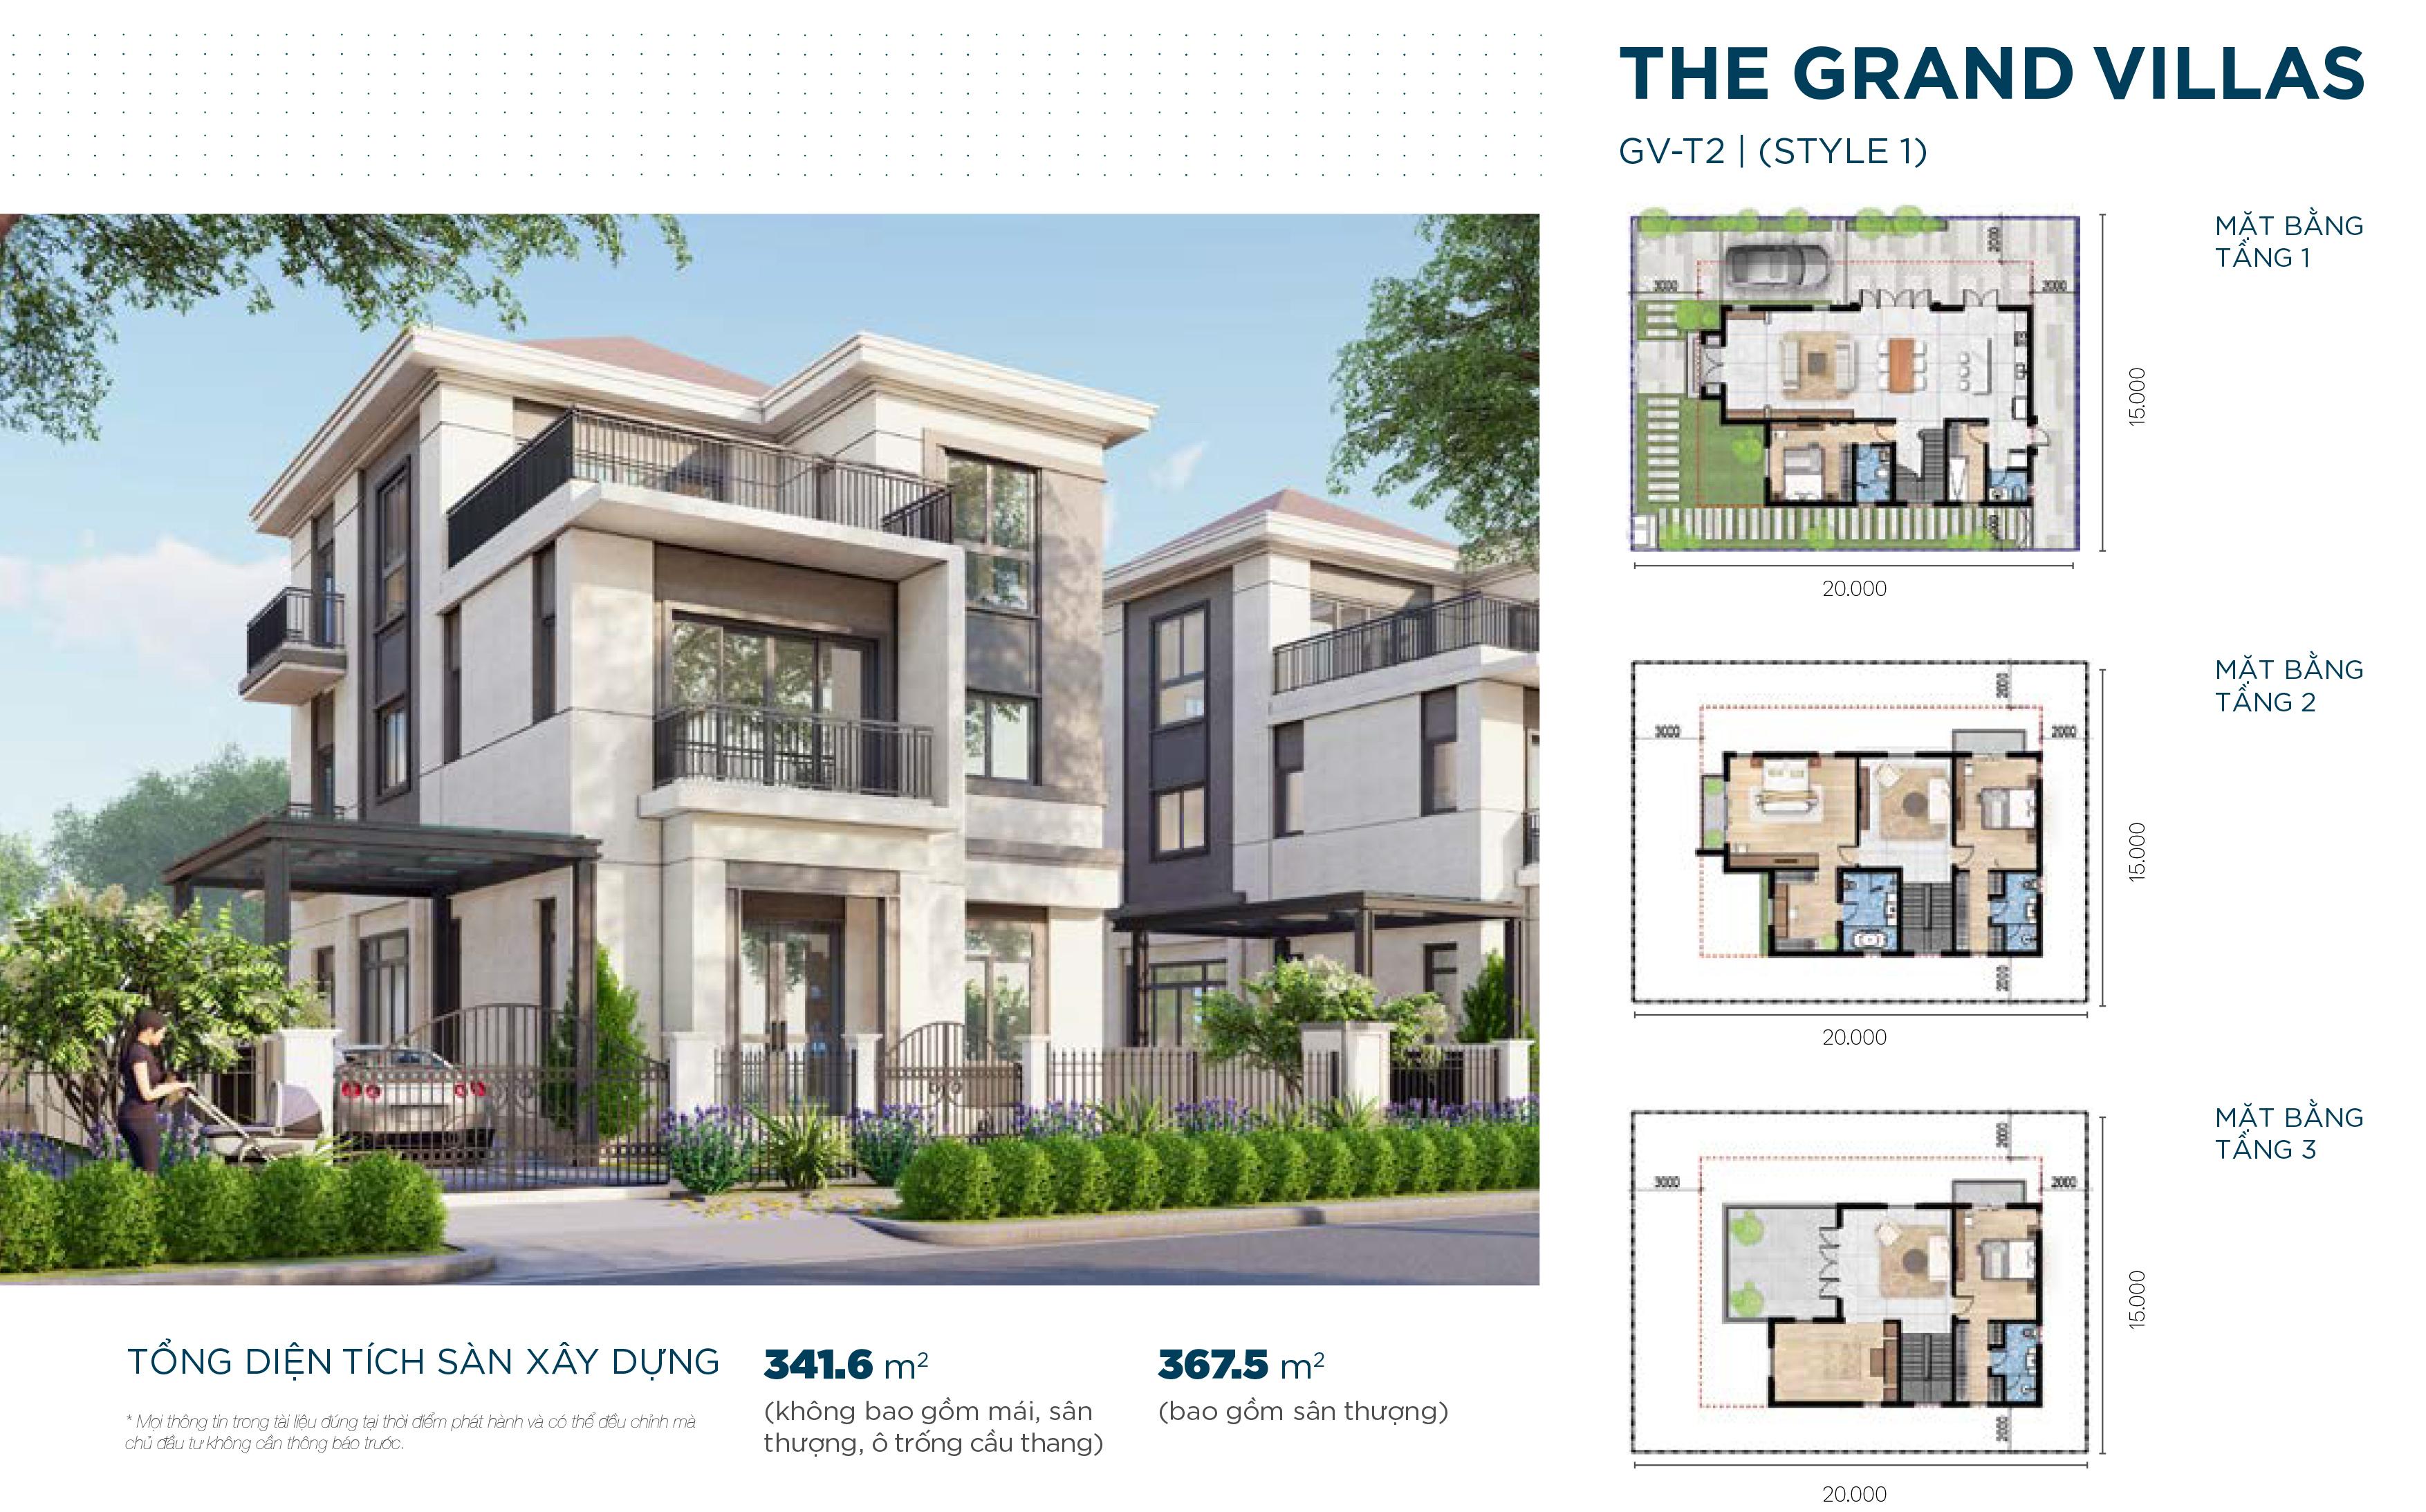 Mẫu biệt thự đẳng cấp The Grand Villas dự án Aqua City